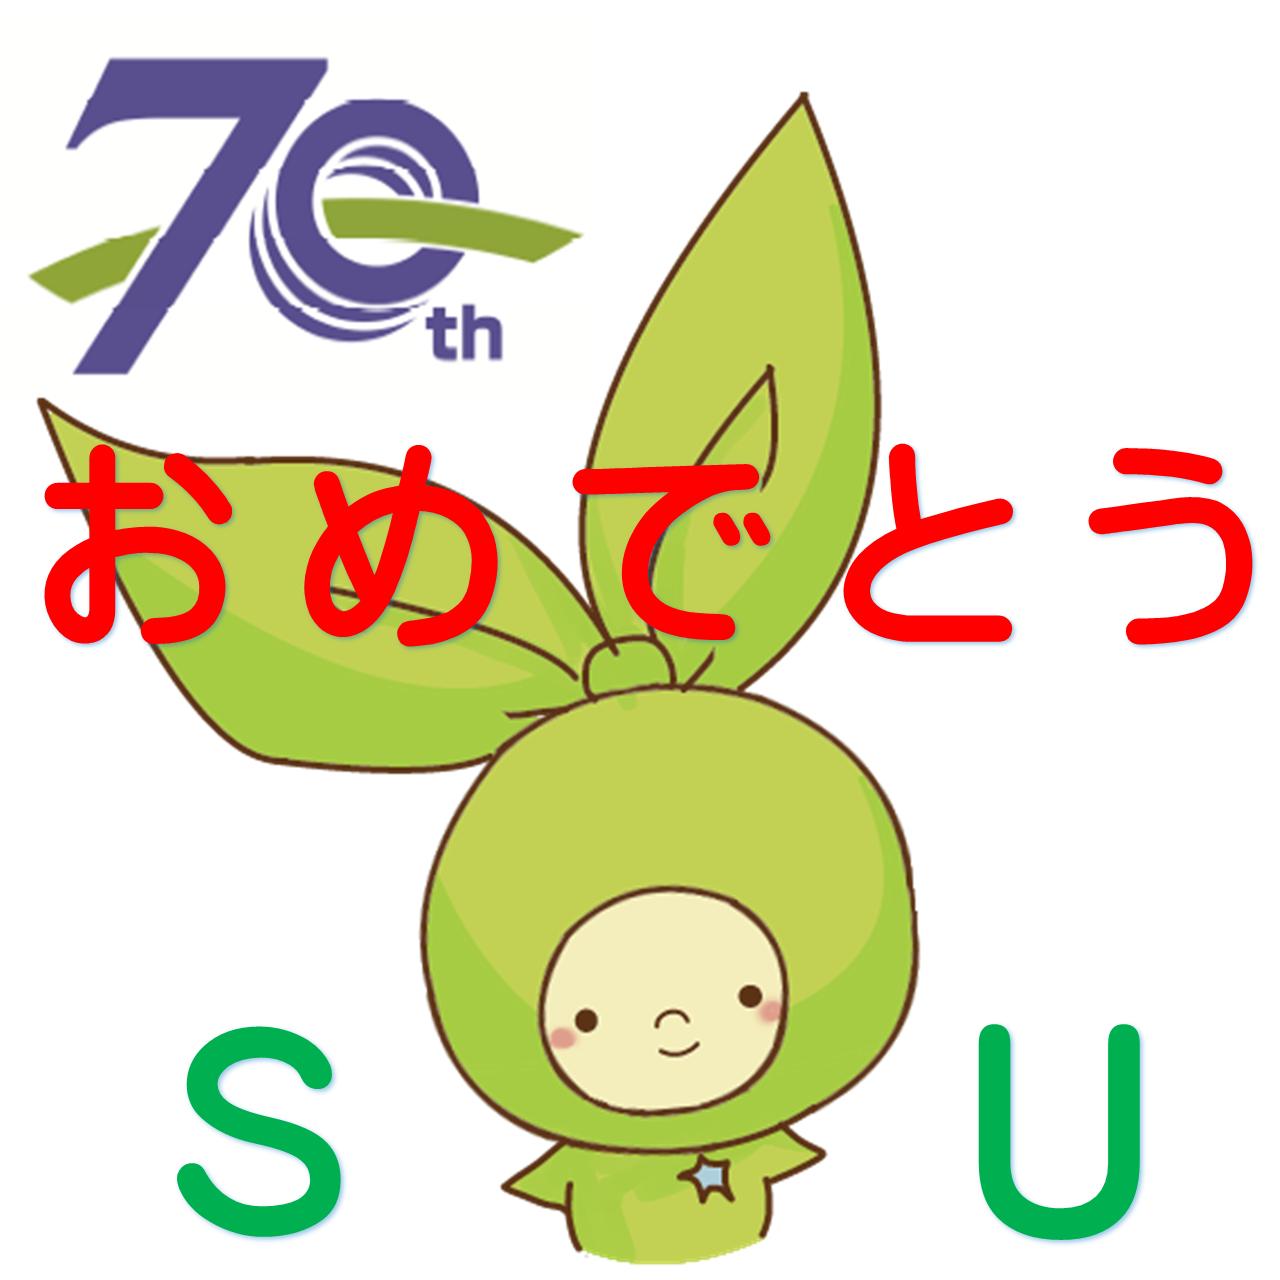 さいだい交流ひろばのブログ: ひろばdeキャップアート第2弾スタート!!